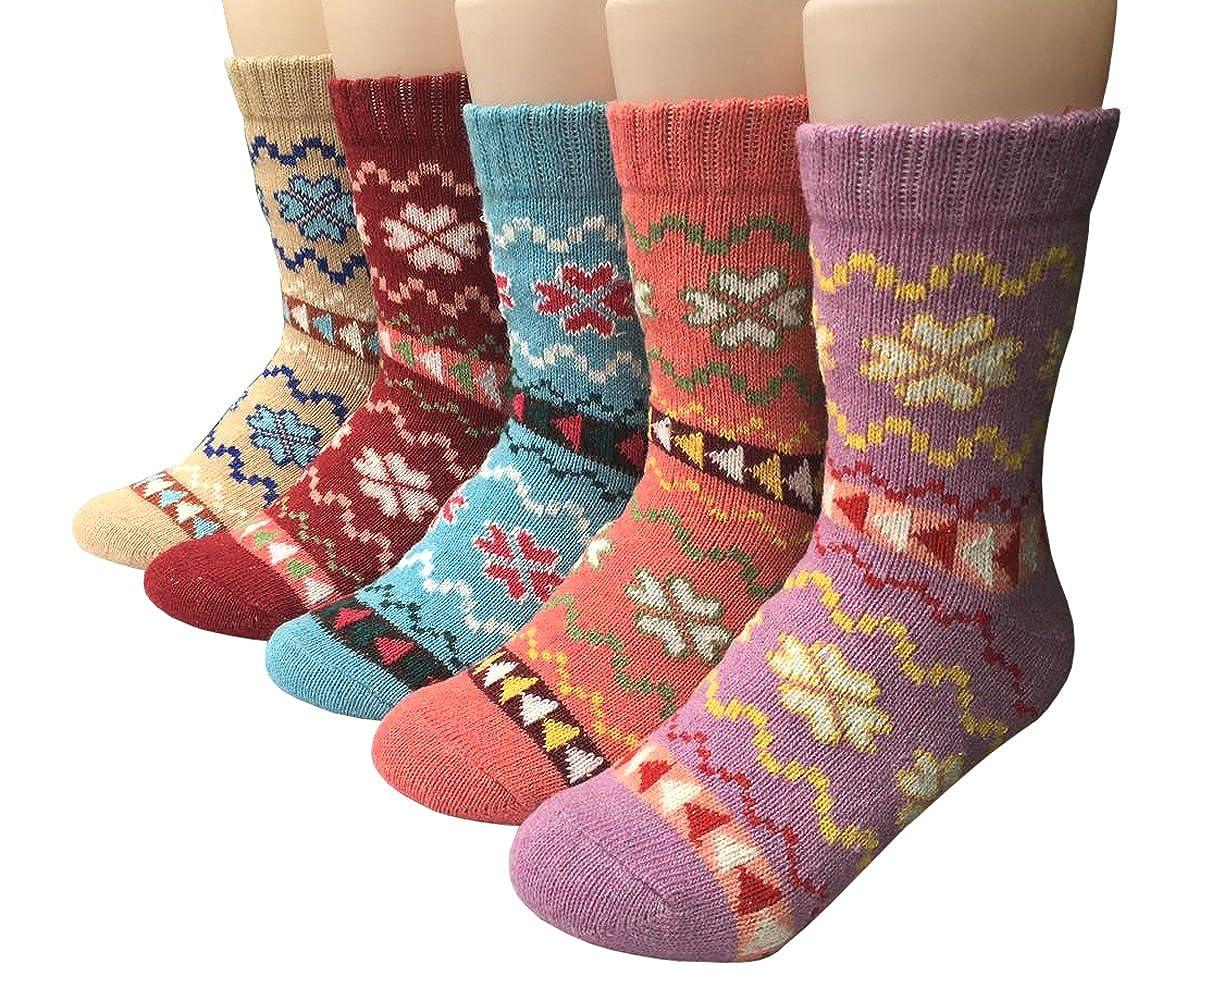 Tencoz Calze di Lana 6Pack Le calze di lana da donna donne calzini inverno caldo morbido annata per linverno